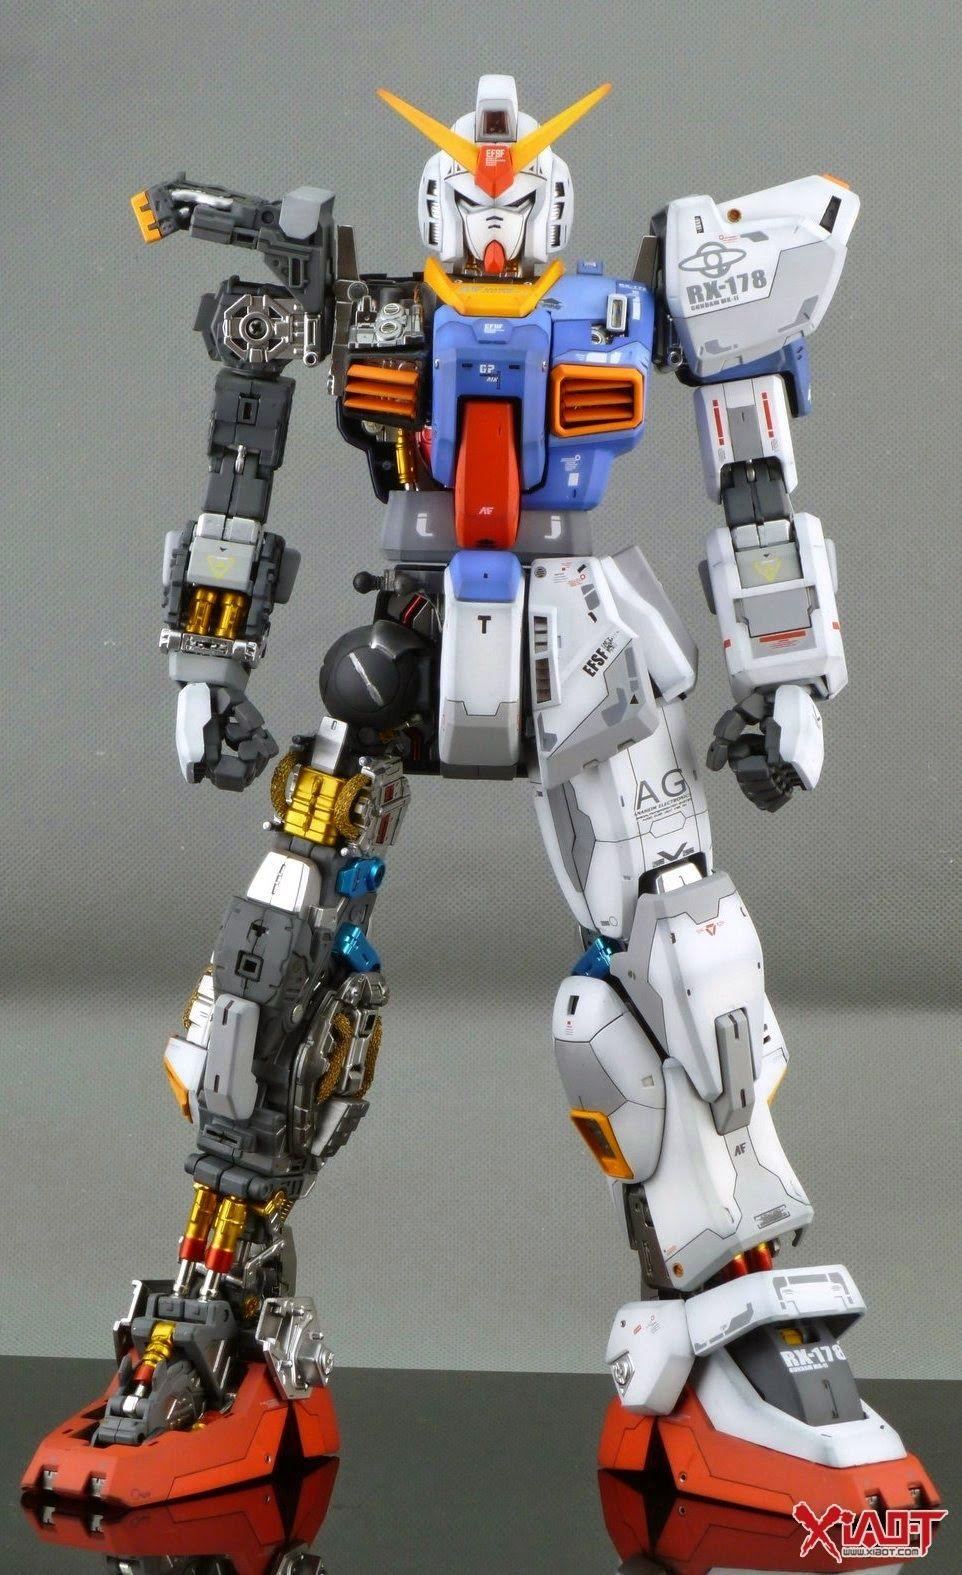 GUNDAM GUY: PG 1/60 Gundam Mk-II - Customized Build